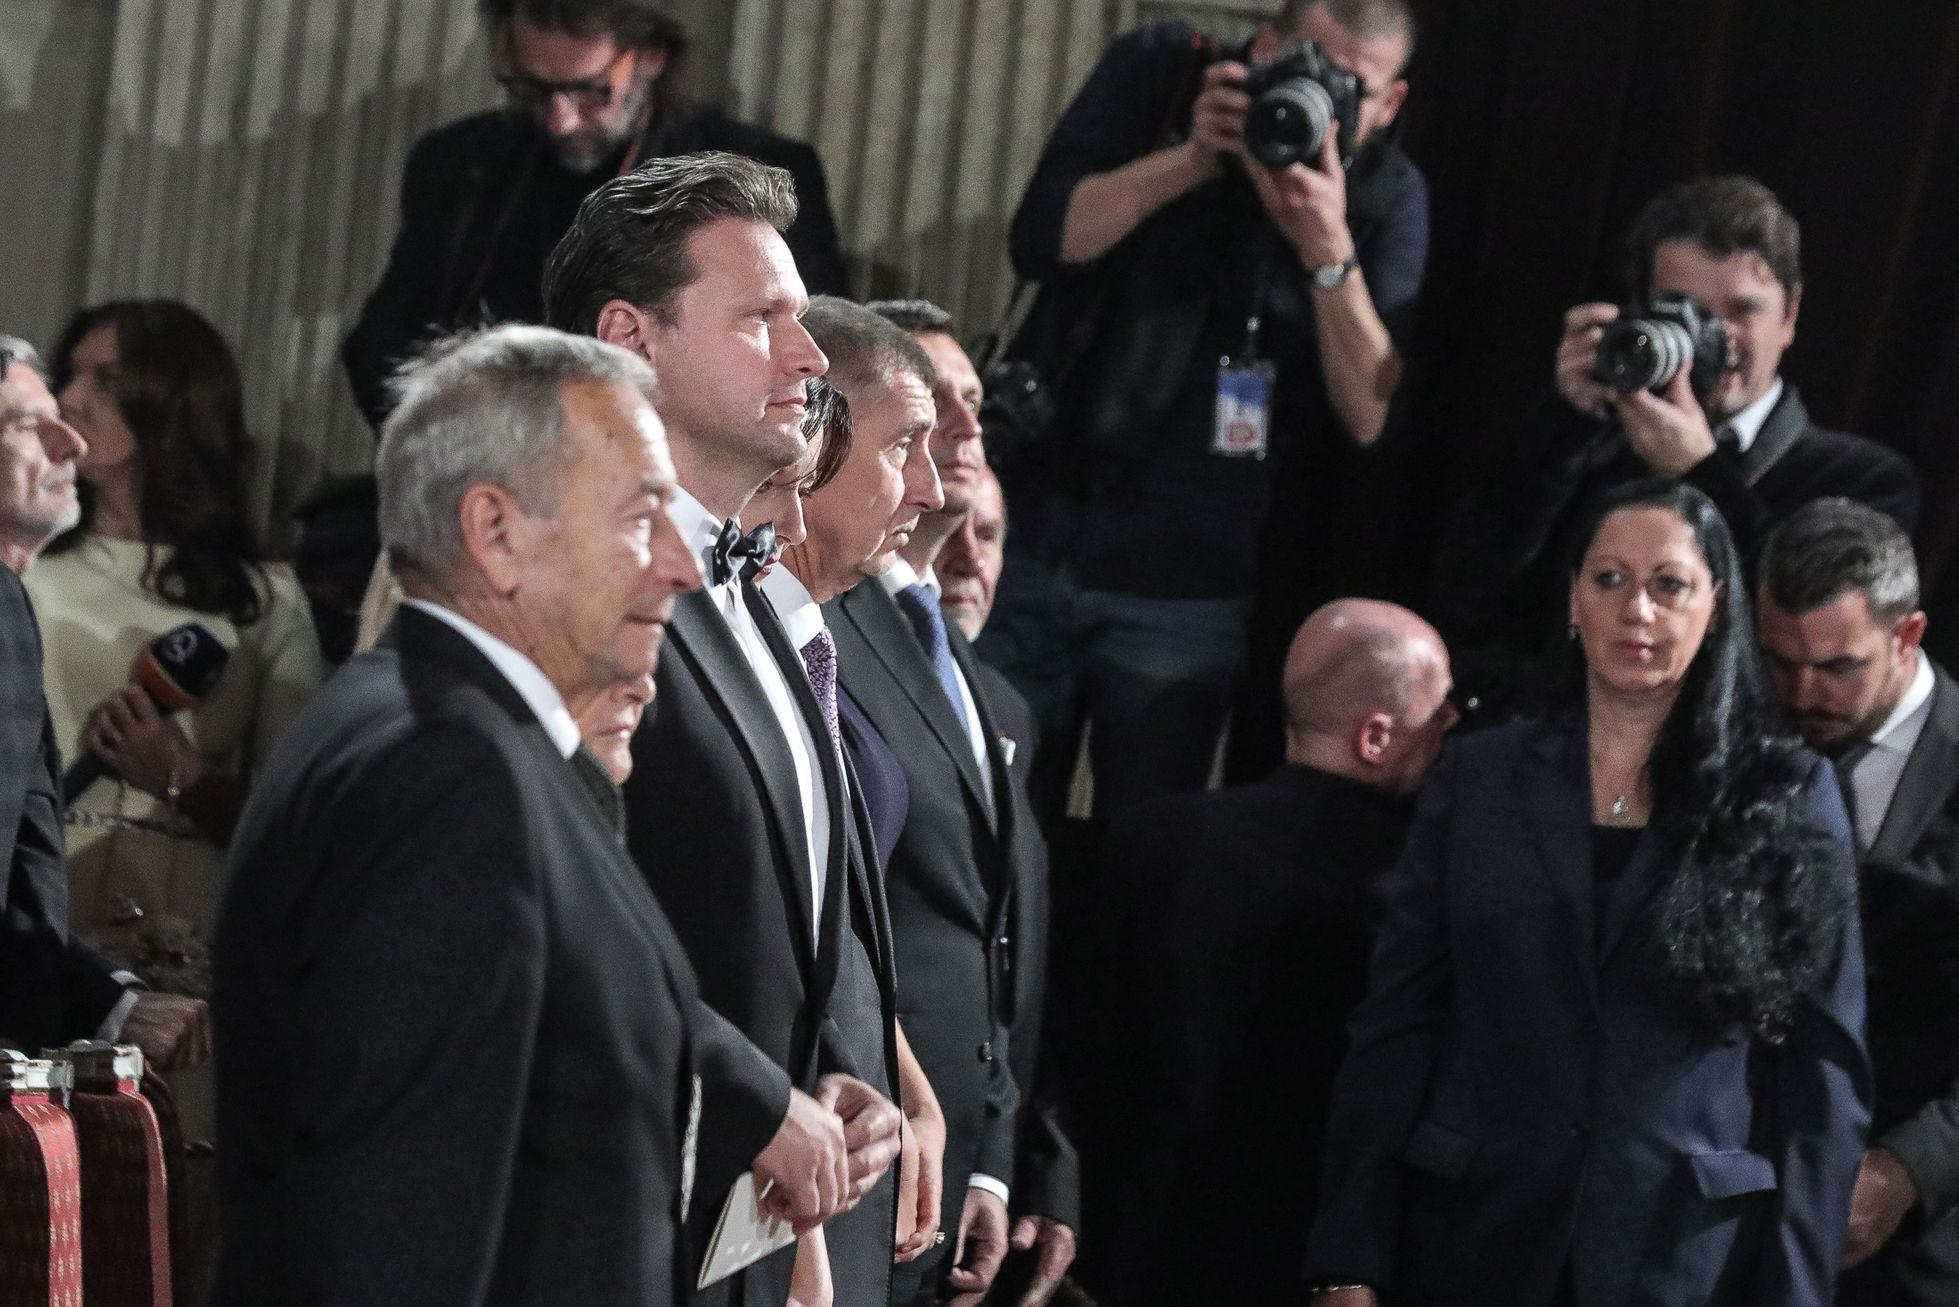 V prvé řadě také usedl mimo jiné i premiér Andrej Babiš s chotí.